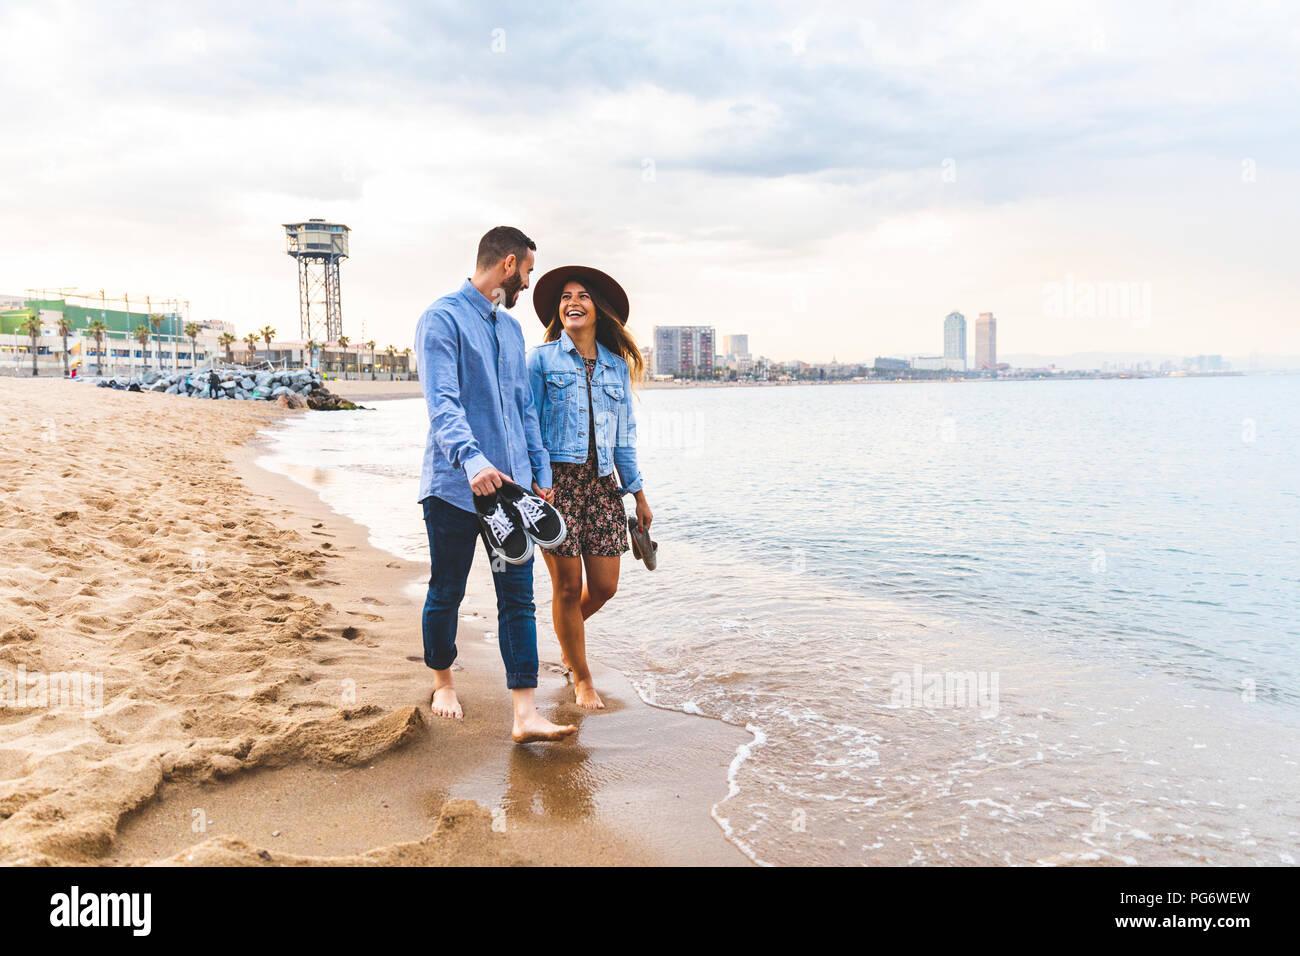 Spagna, Barcellona, giovane correre a piedi nudi sulla spiaggia Immagini Stock